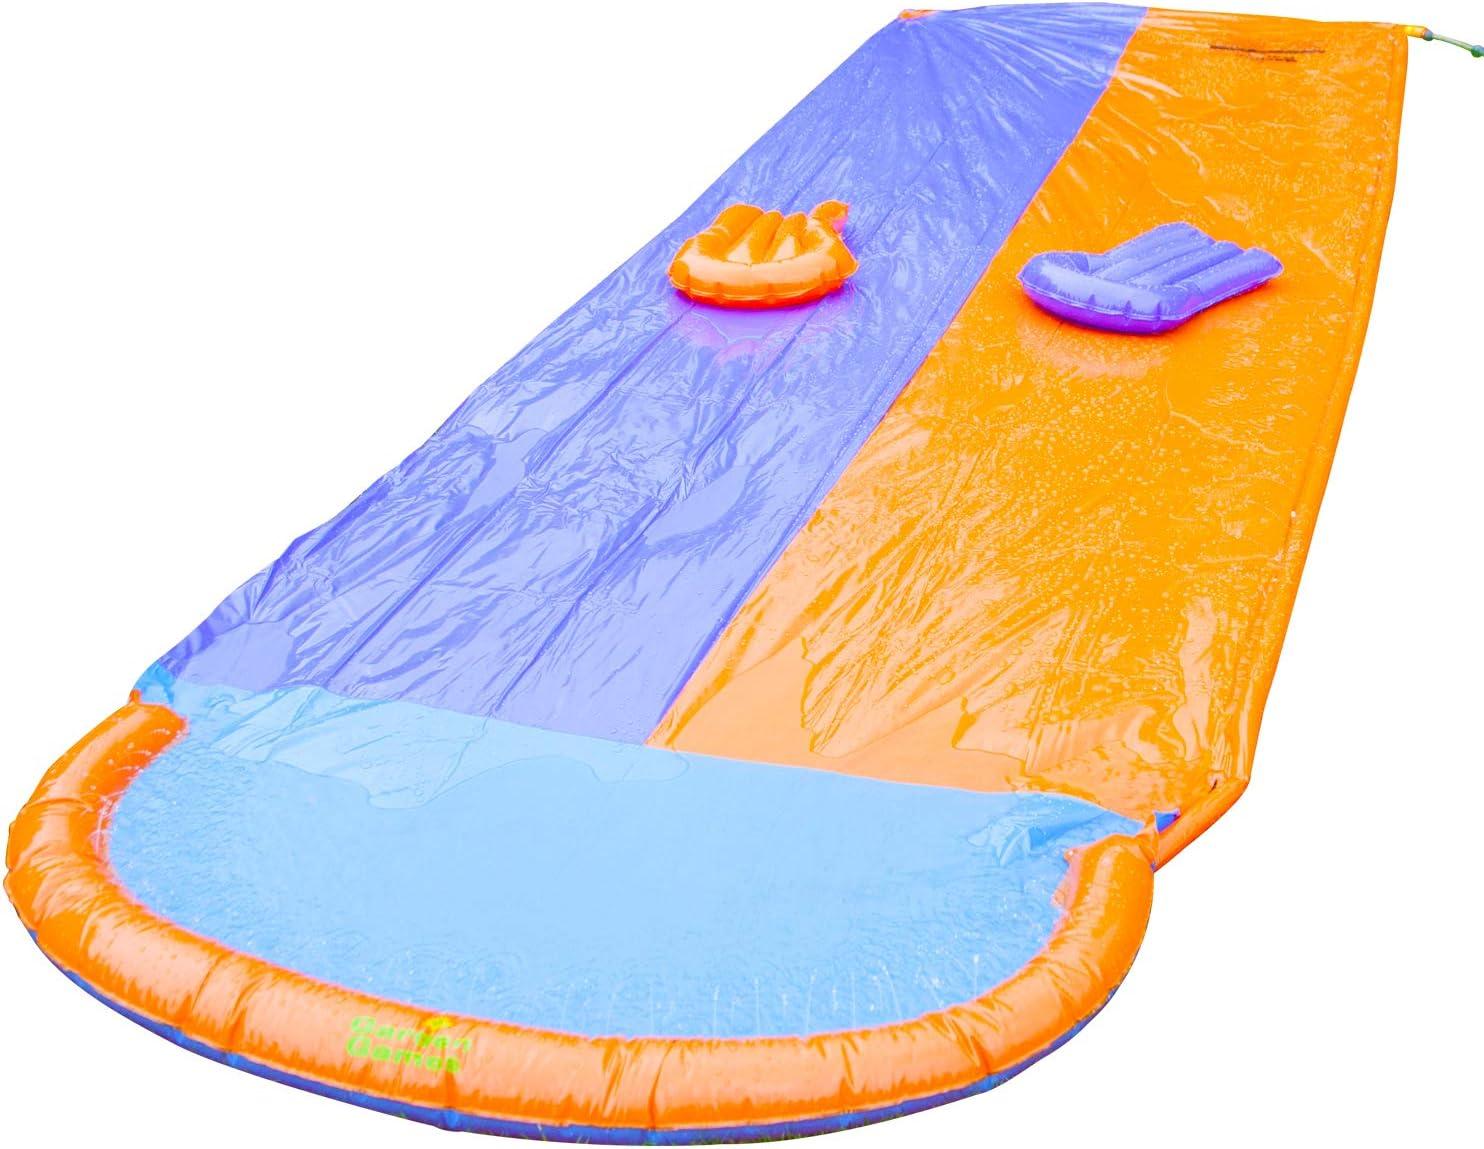 KiGoing Tapis De Glisse /À Eau Gonflable Double Piste Toboggan Piscine,Enfants Toboggan Aquatique Jardin Course Double Toboggan Aquatique Jouet D/ét/é Fournitures De Plein Air